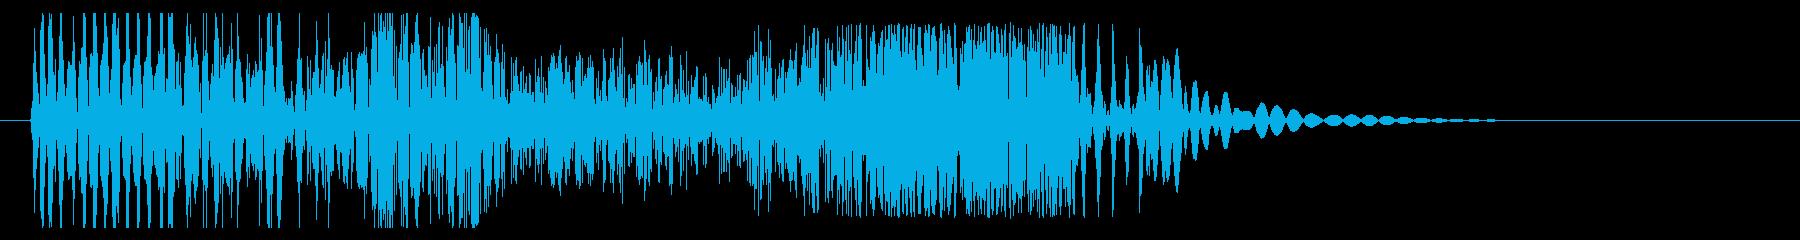 ブッシャア(時代劇向け斬撃音・強)の再生済みの波形